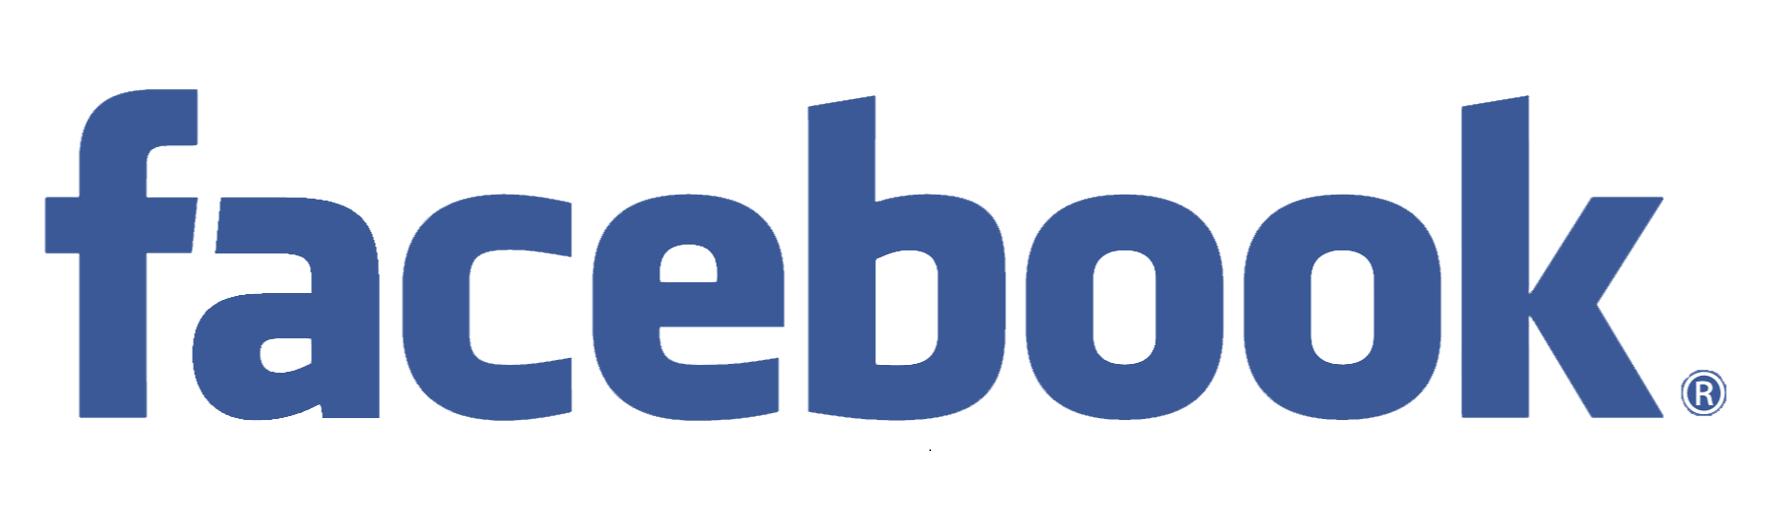 facebook-text-logo-transparent-10